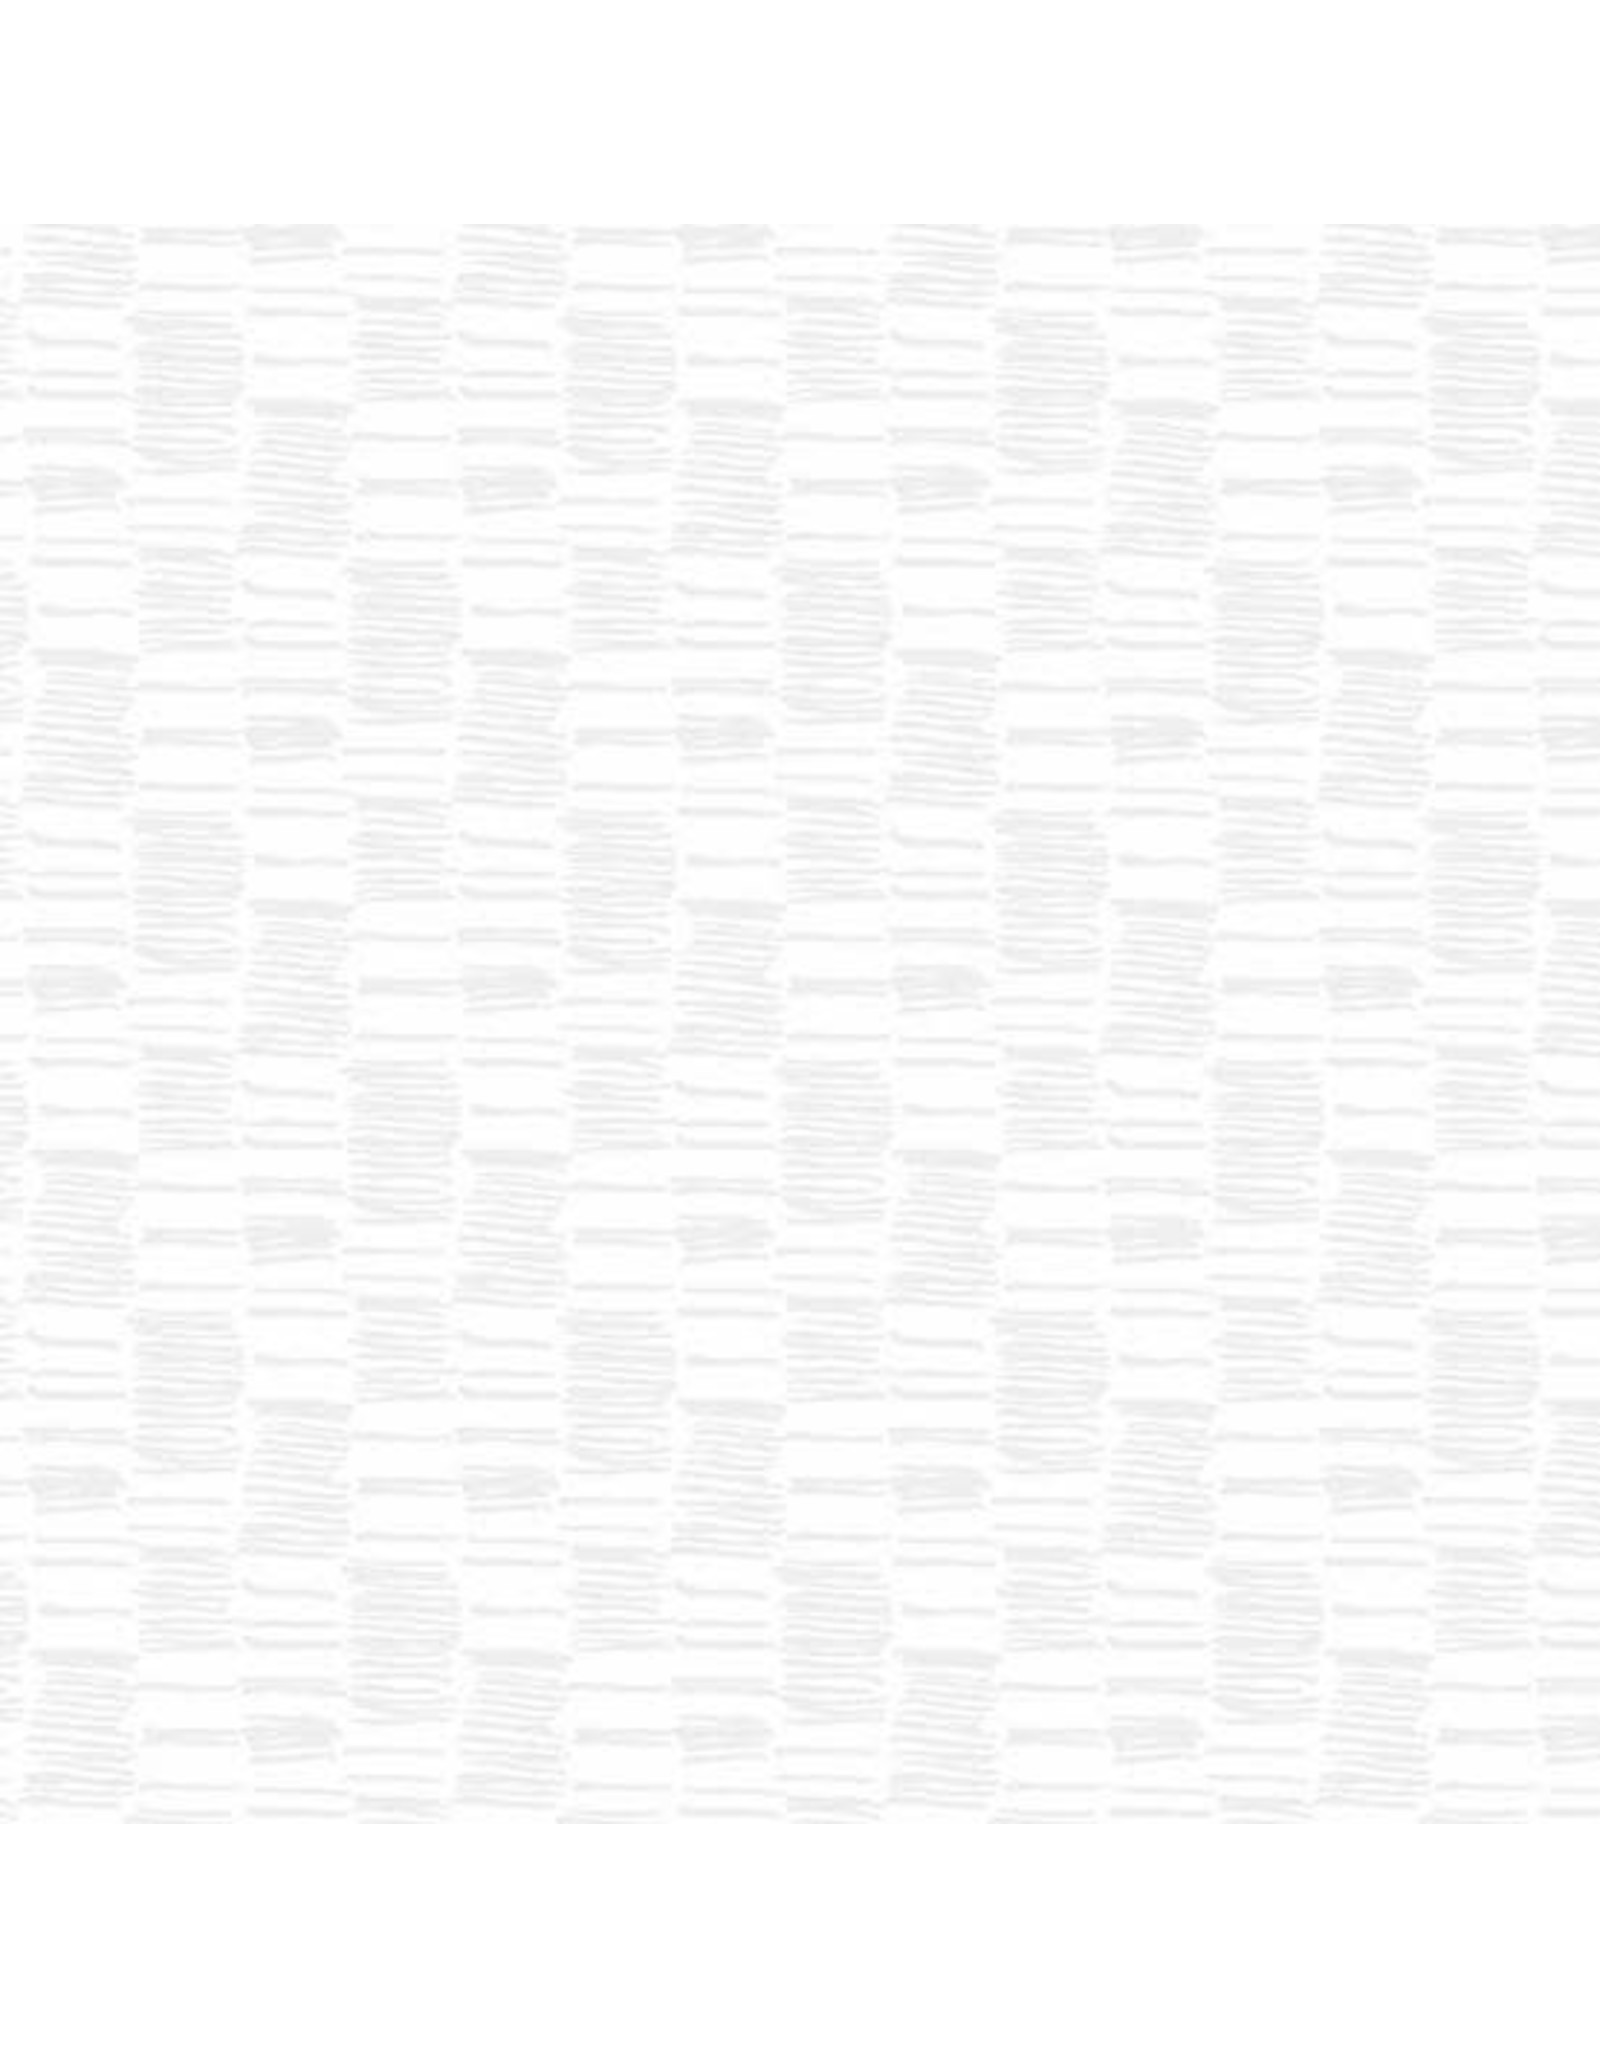 Andover Fabrics Century Whites, White on White Stacks, Fabric Half-Yards CS-9680-WW